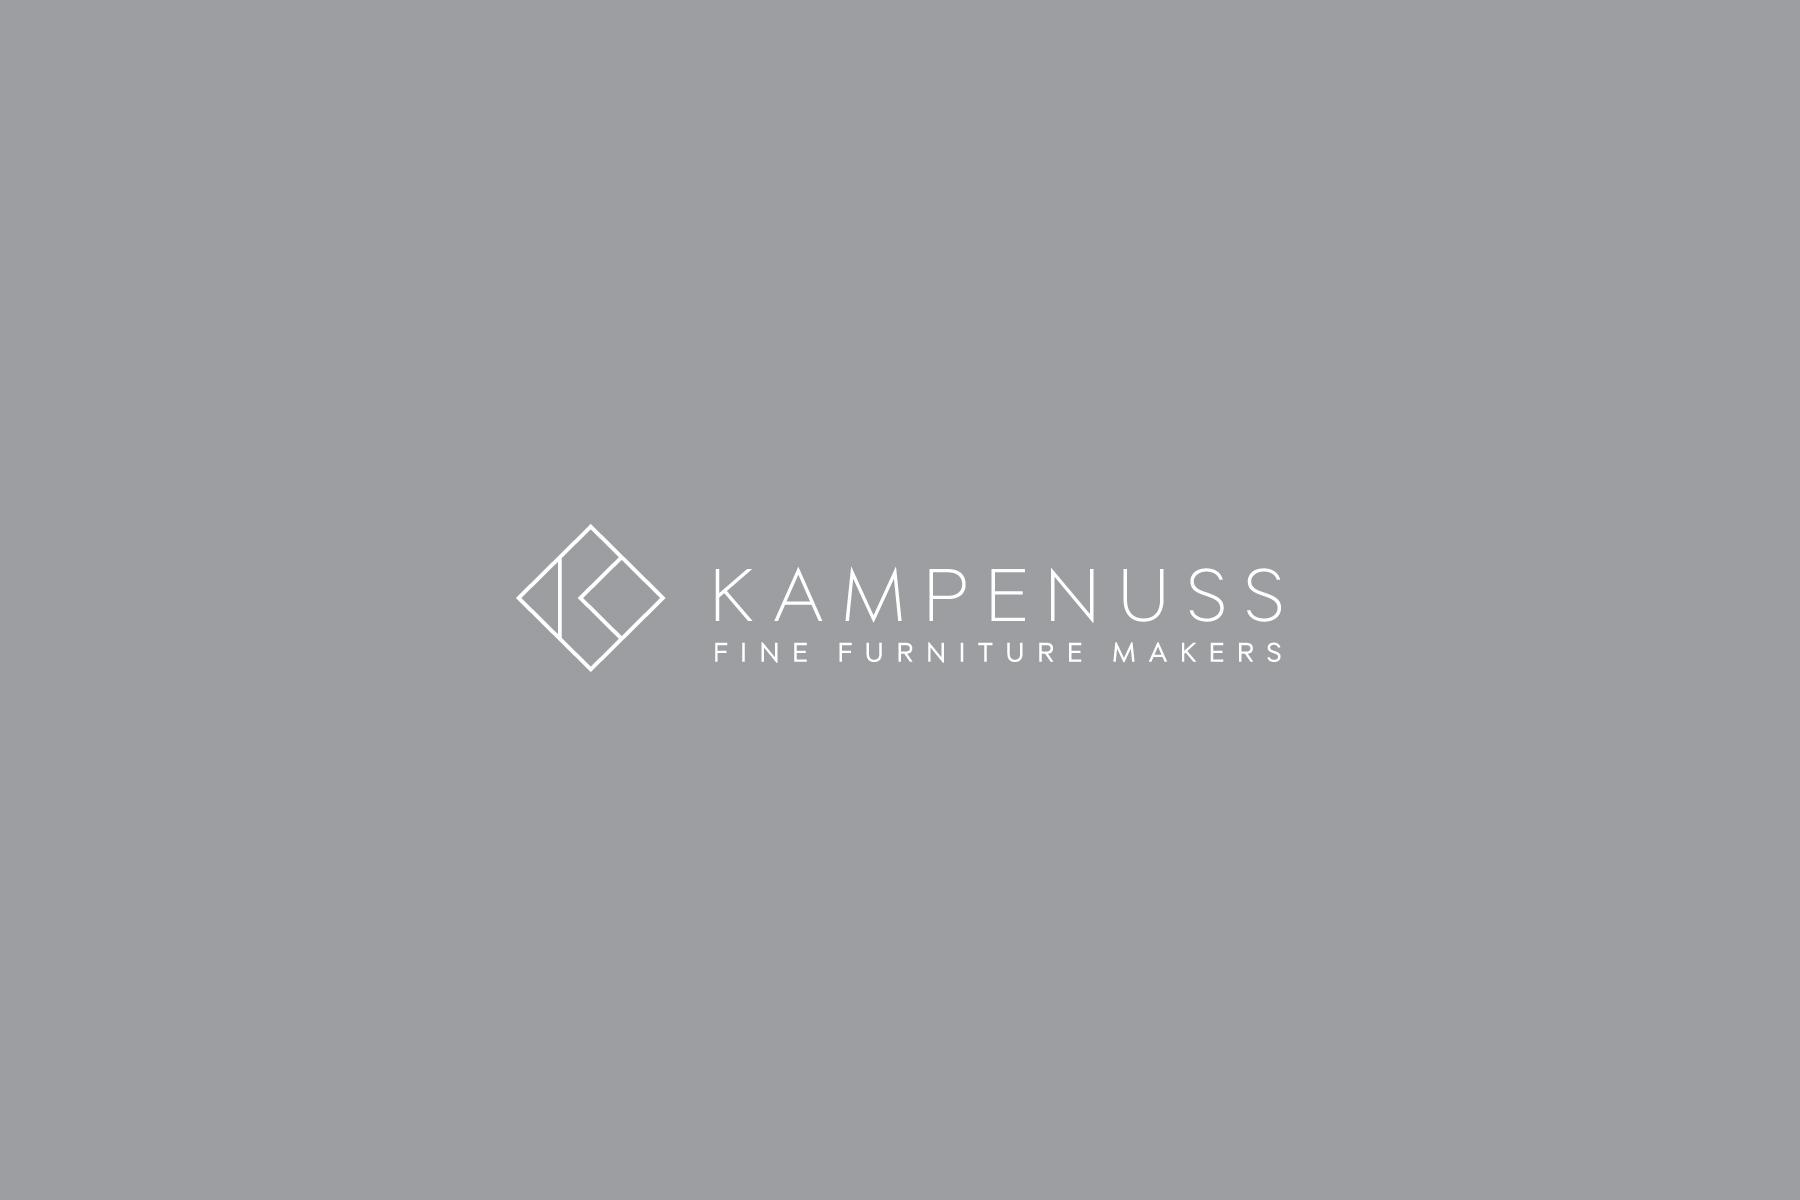 kampenuss_portfolio_web_5